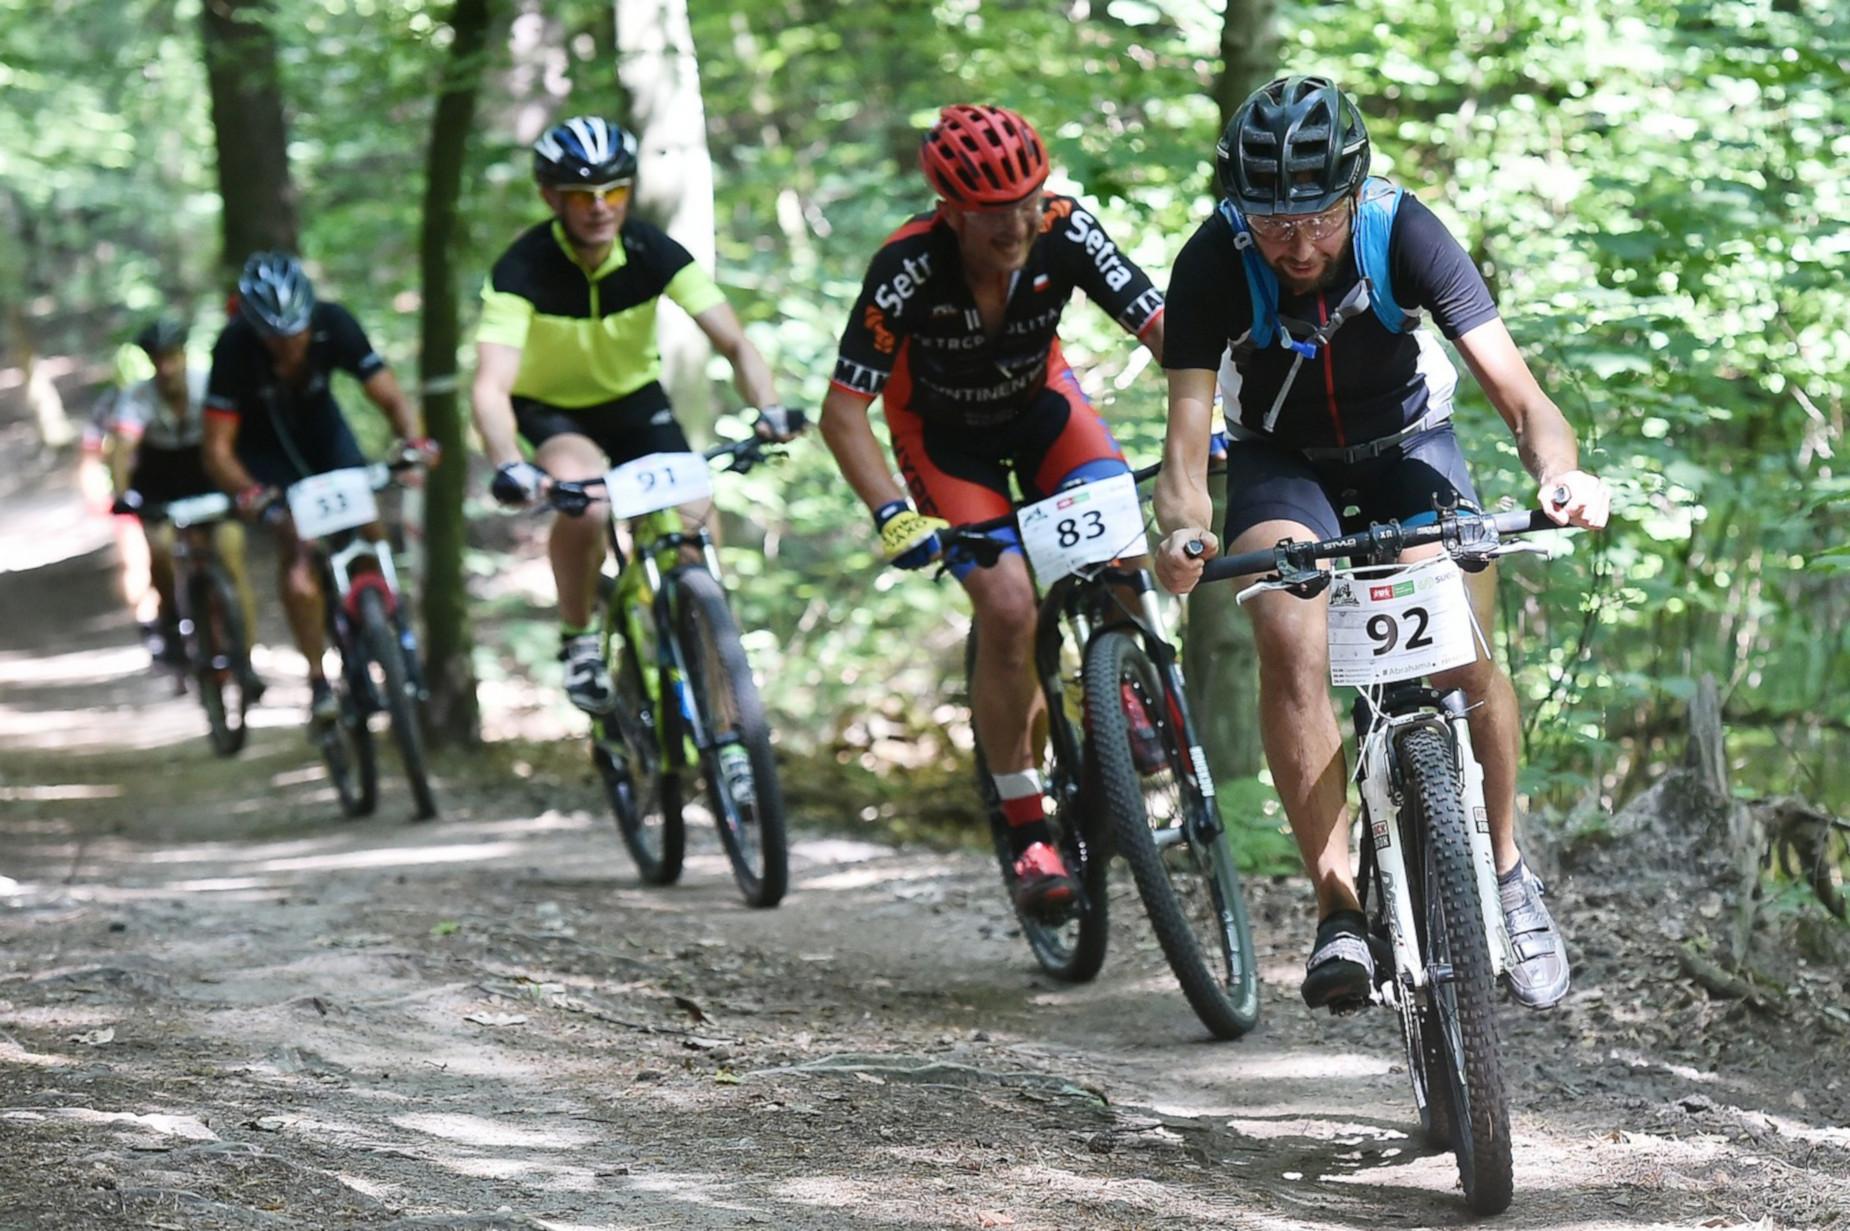 Wielki finał rowerowej rywalizacji. Na pętli Abrahama poznamy zwycięzcę cyklu XC Gdańsk 2019